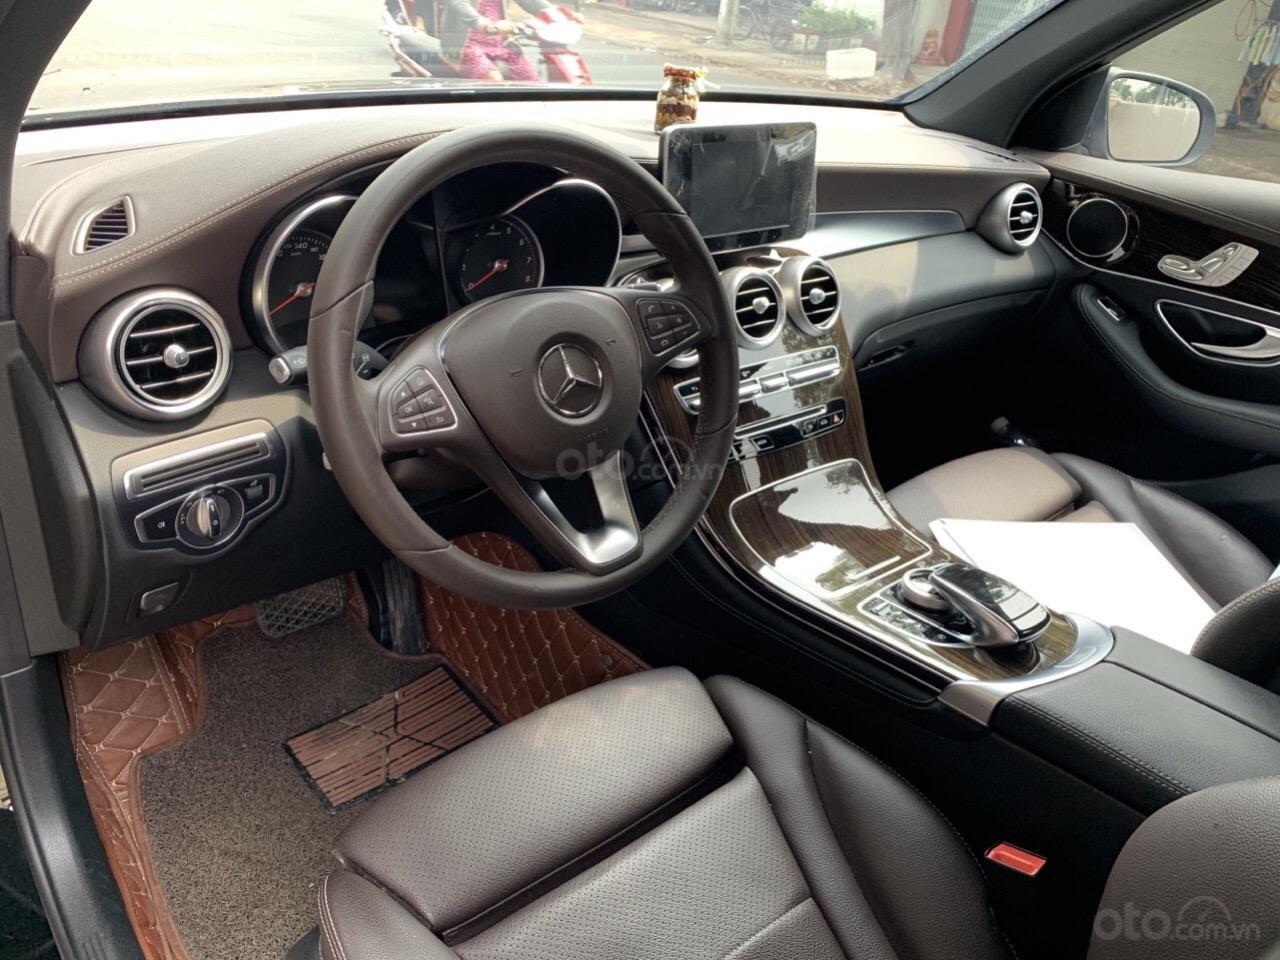 Bán GLC 200 sản xuất 2018, màu đen nâu, xe đẹp cá nhân bao kiểm tra hãng (3)